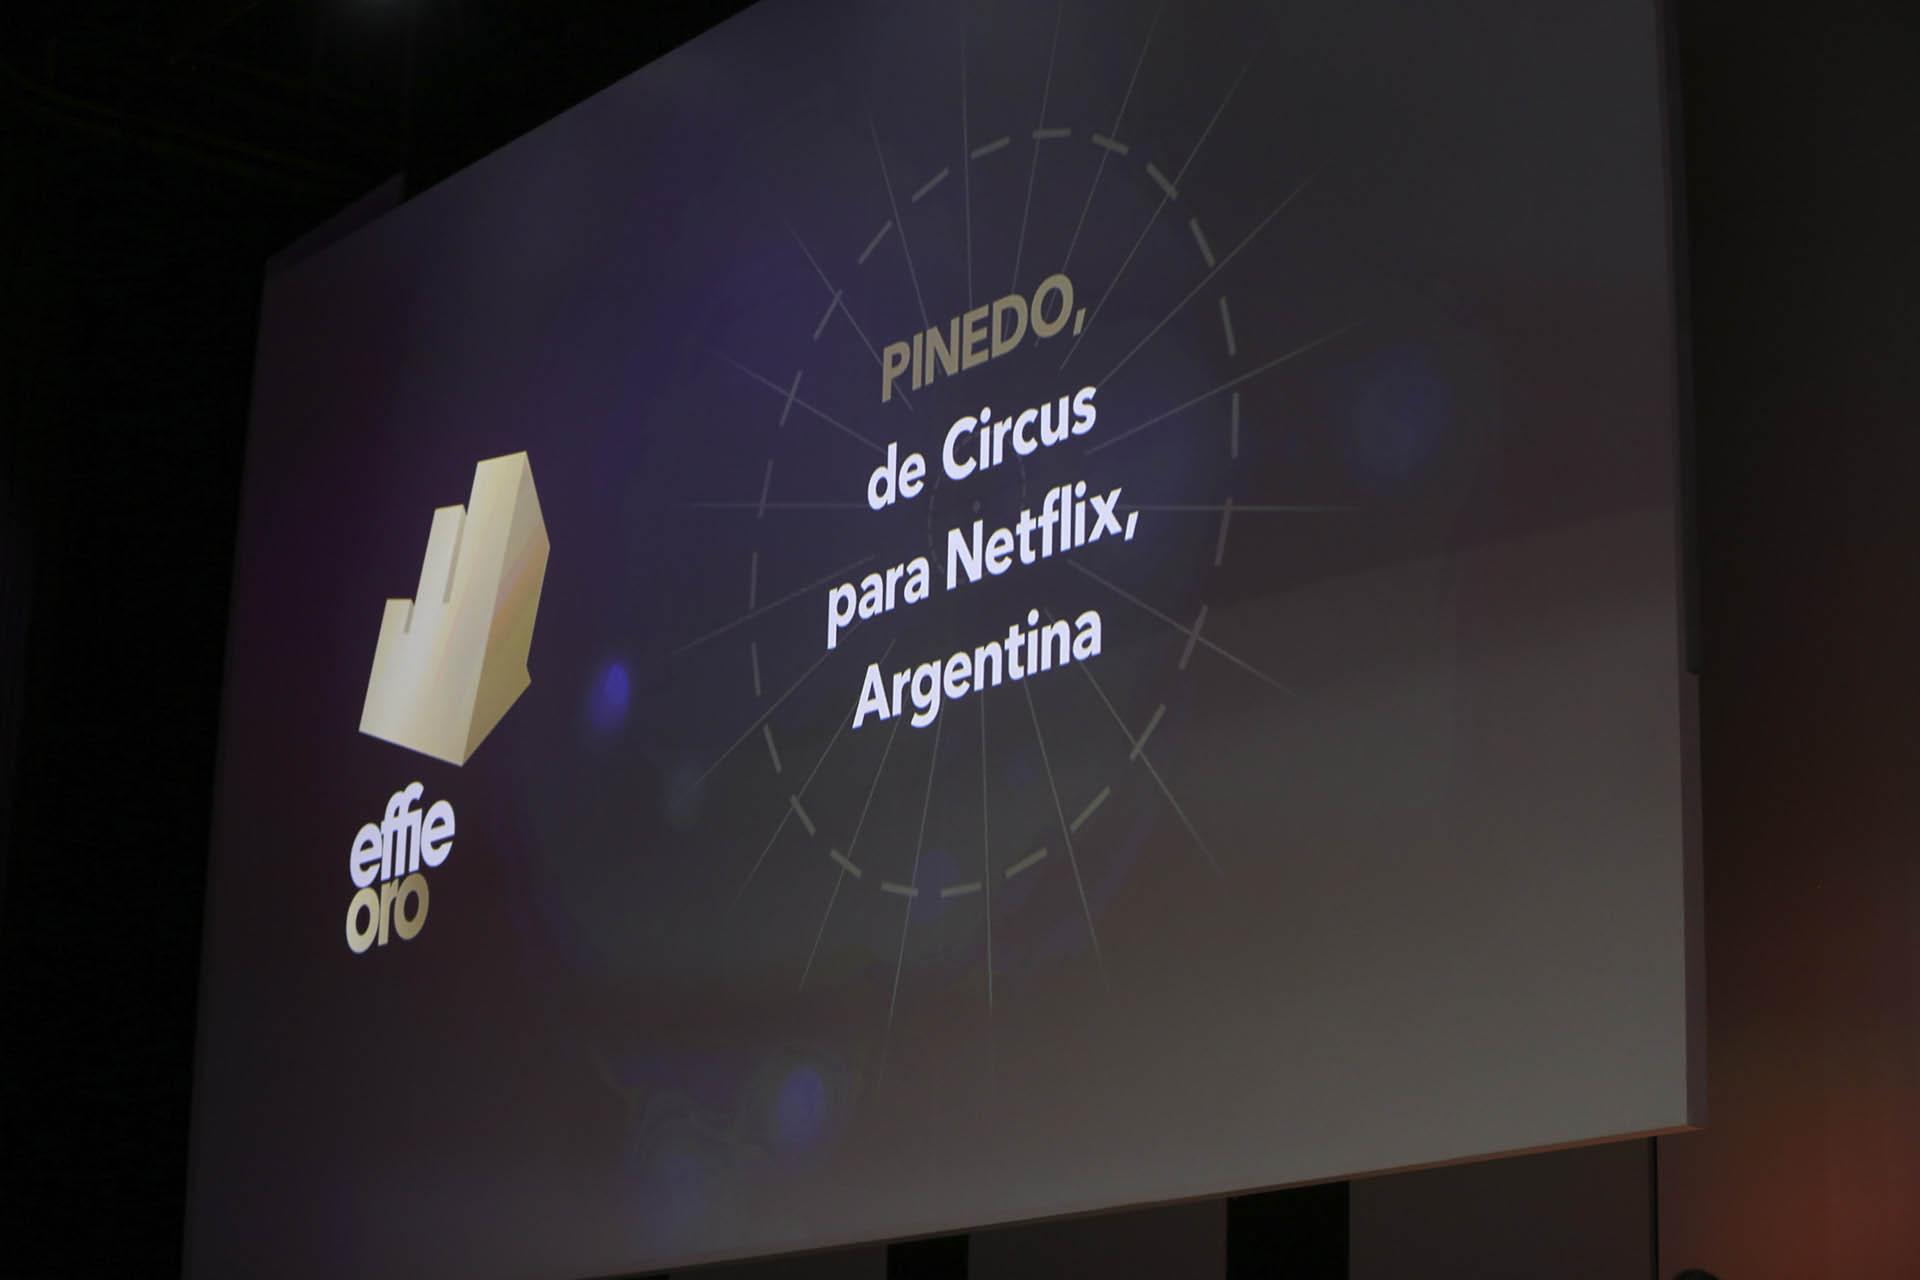 Pinedo, de Circus para Netflix, Argentina